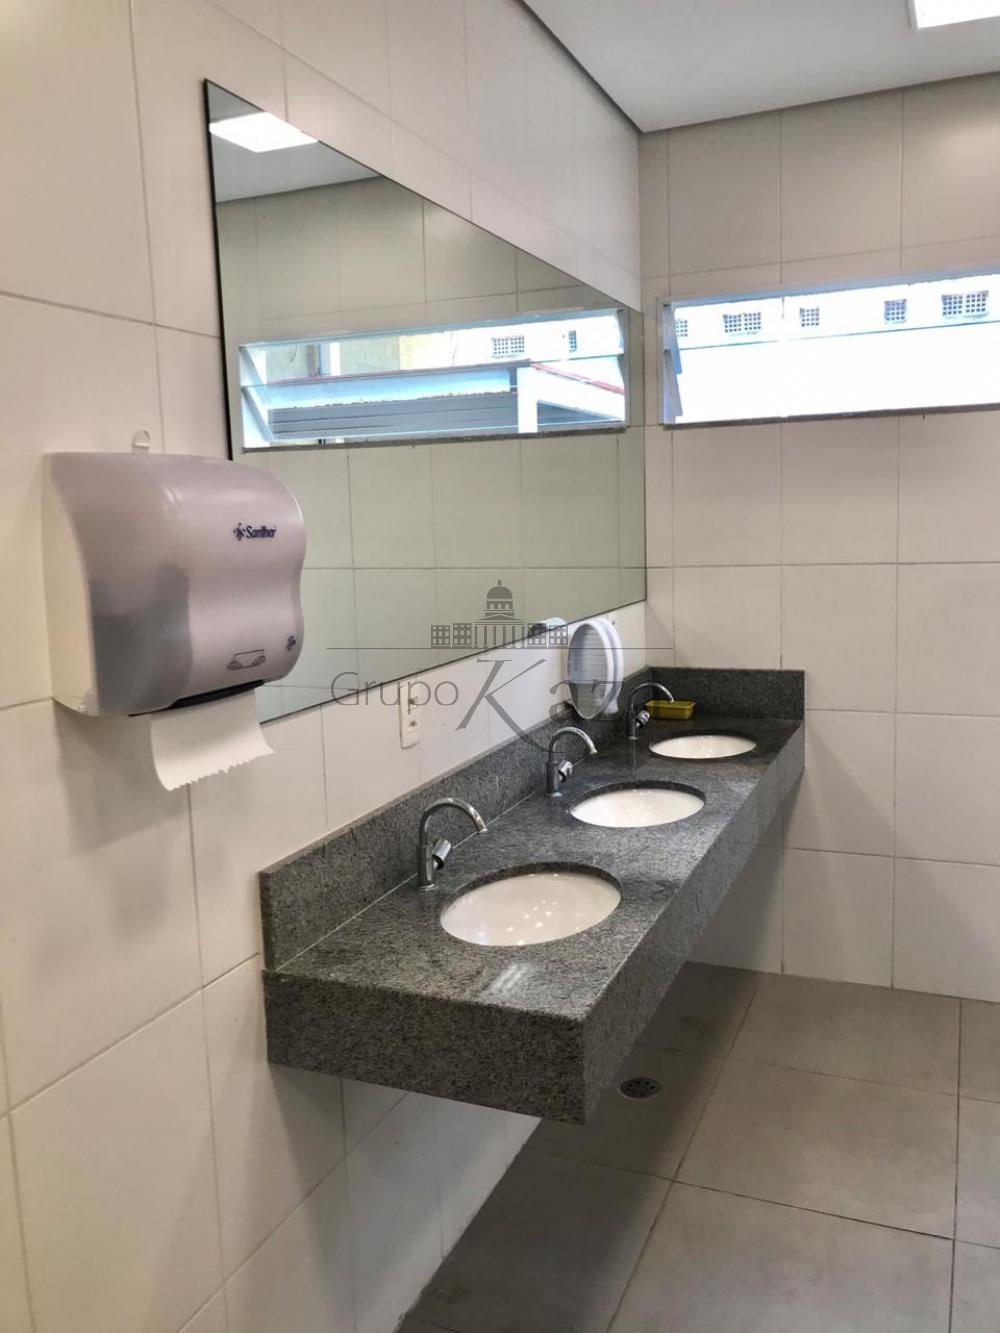 Alugar Comercial/Industrial / Prédio em São José dos Campos apenas R$ 60.000,00 - Foto 26